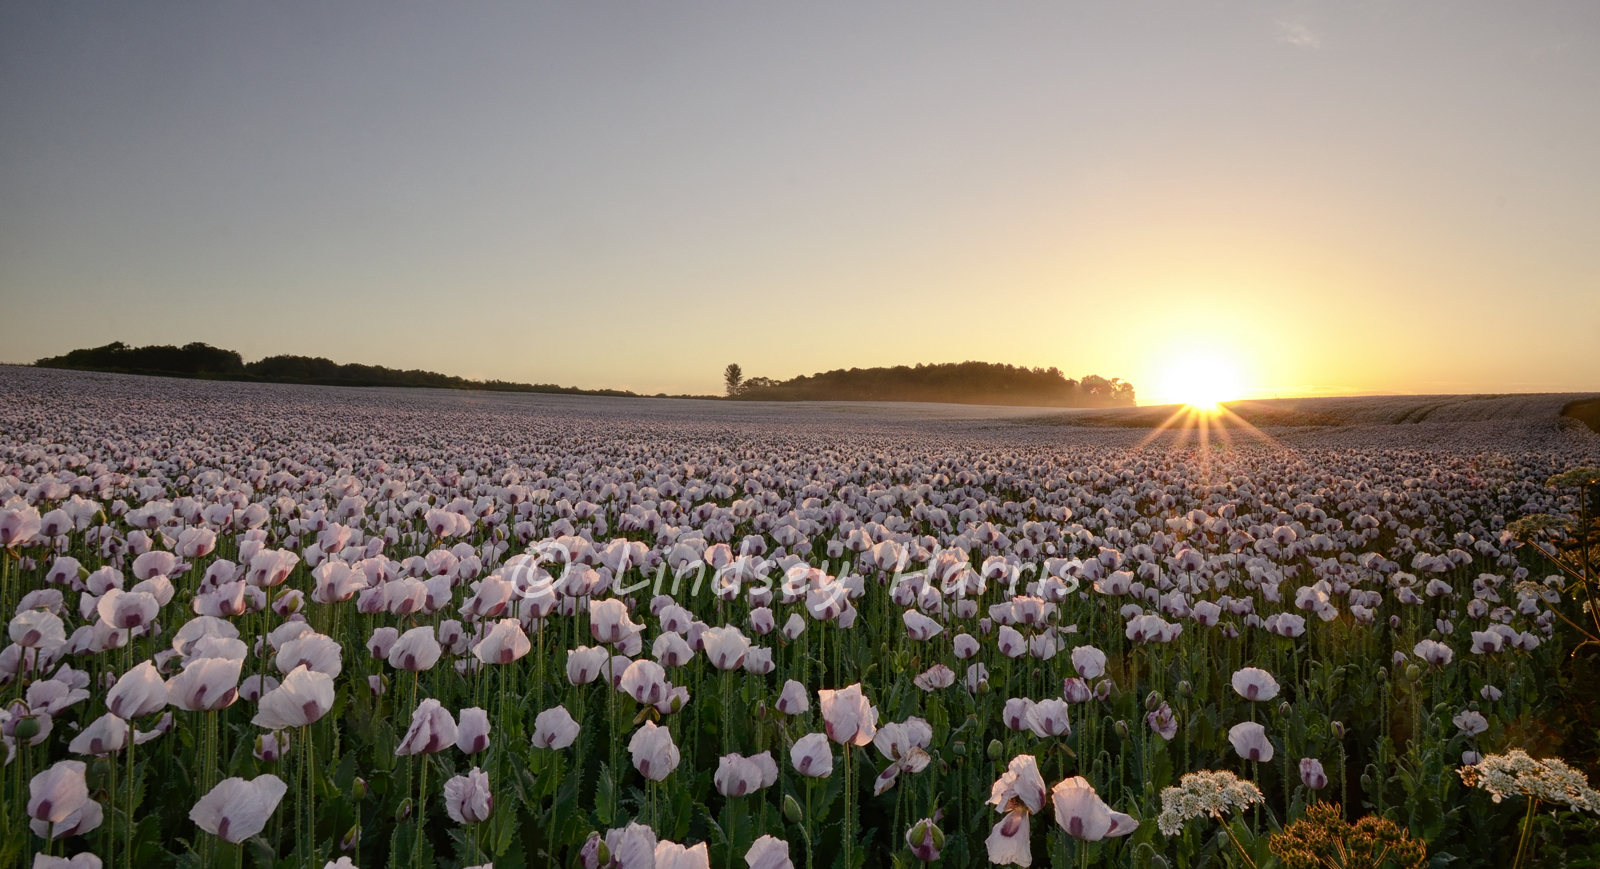 Opium poppies at sunrise. June 2015.